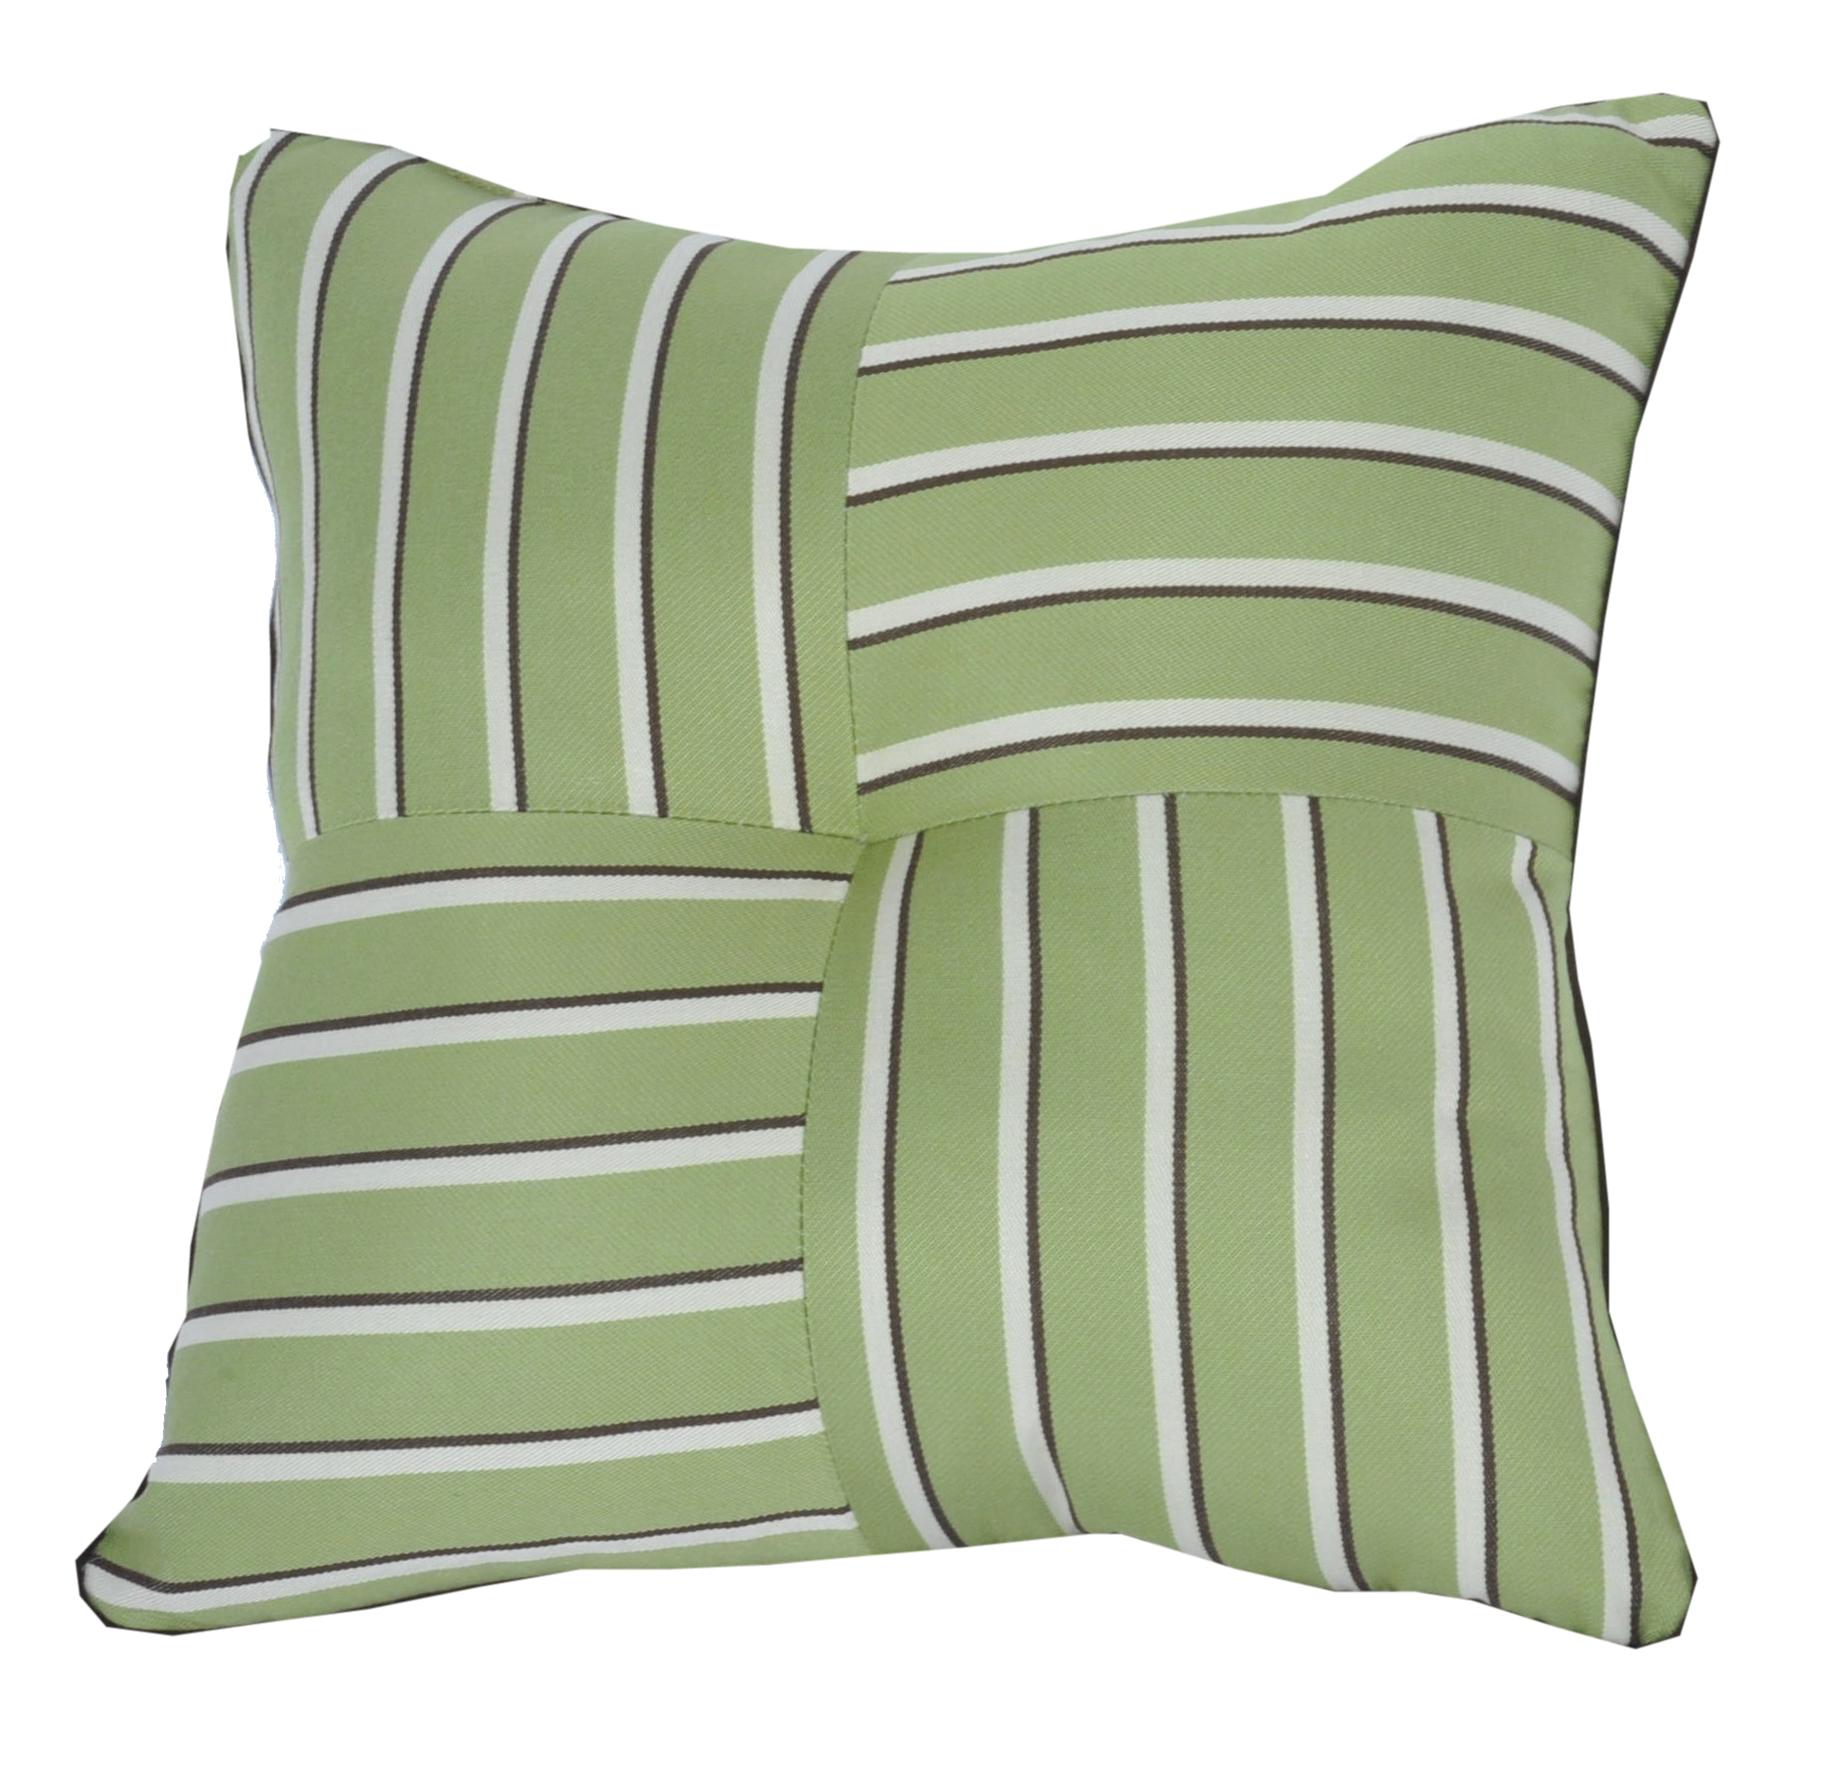 Quilted Throw Pillow IndoorOutdoor 24 Square Sunbrella